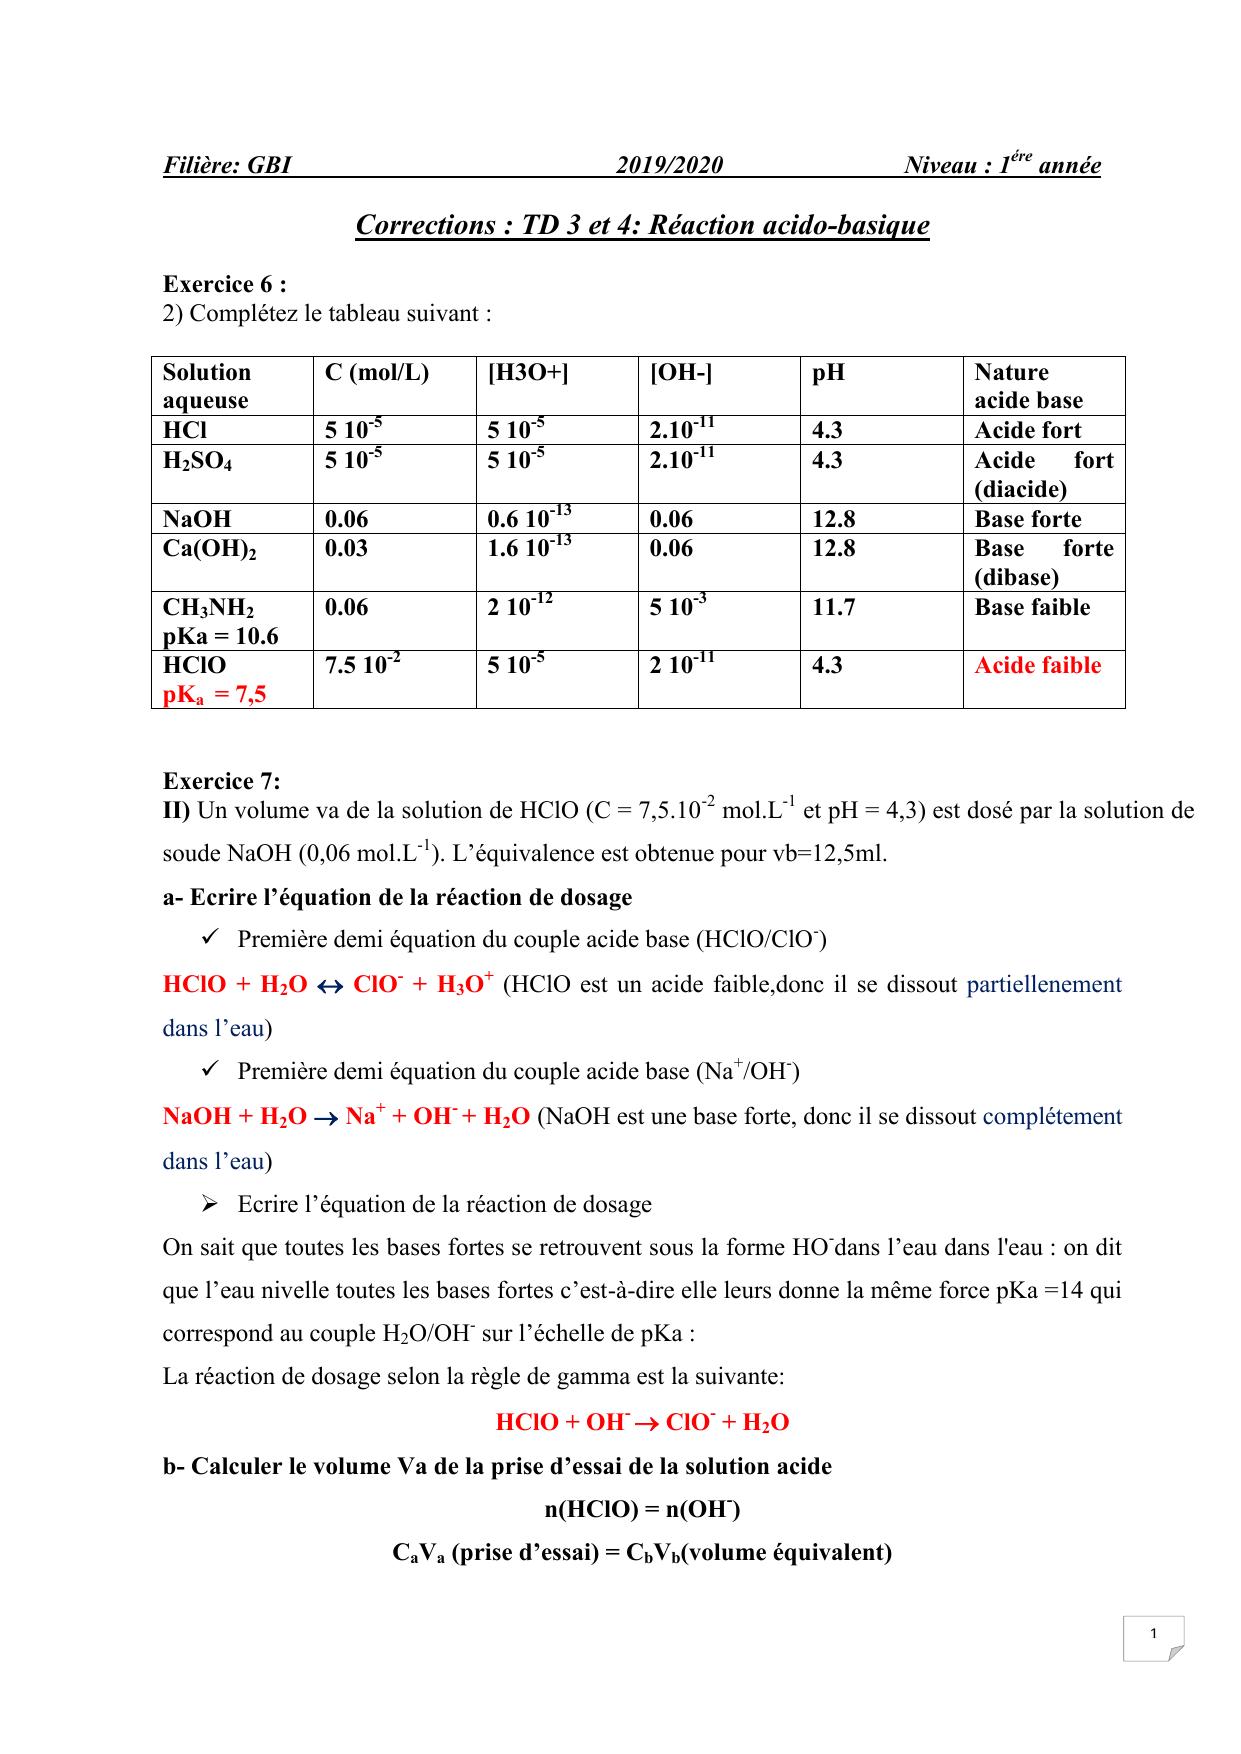 Corrections Des Td 1 2 3 Acide Base Gbi 1